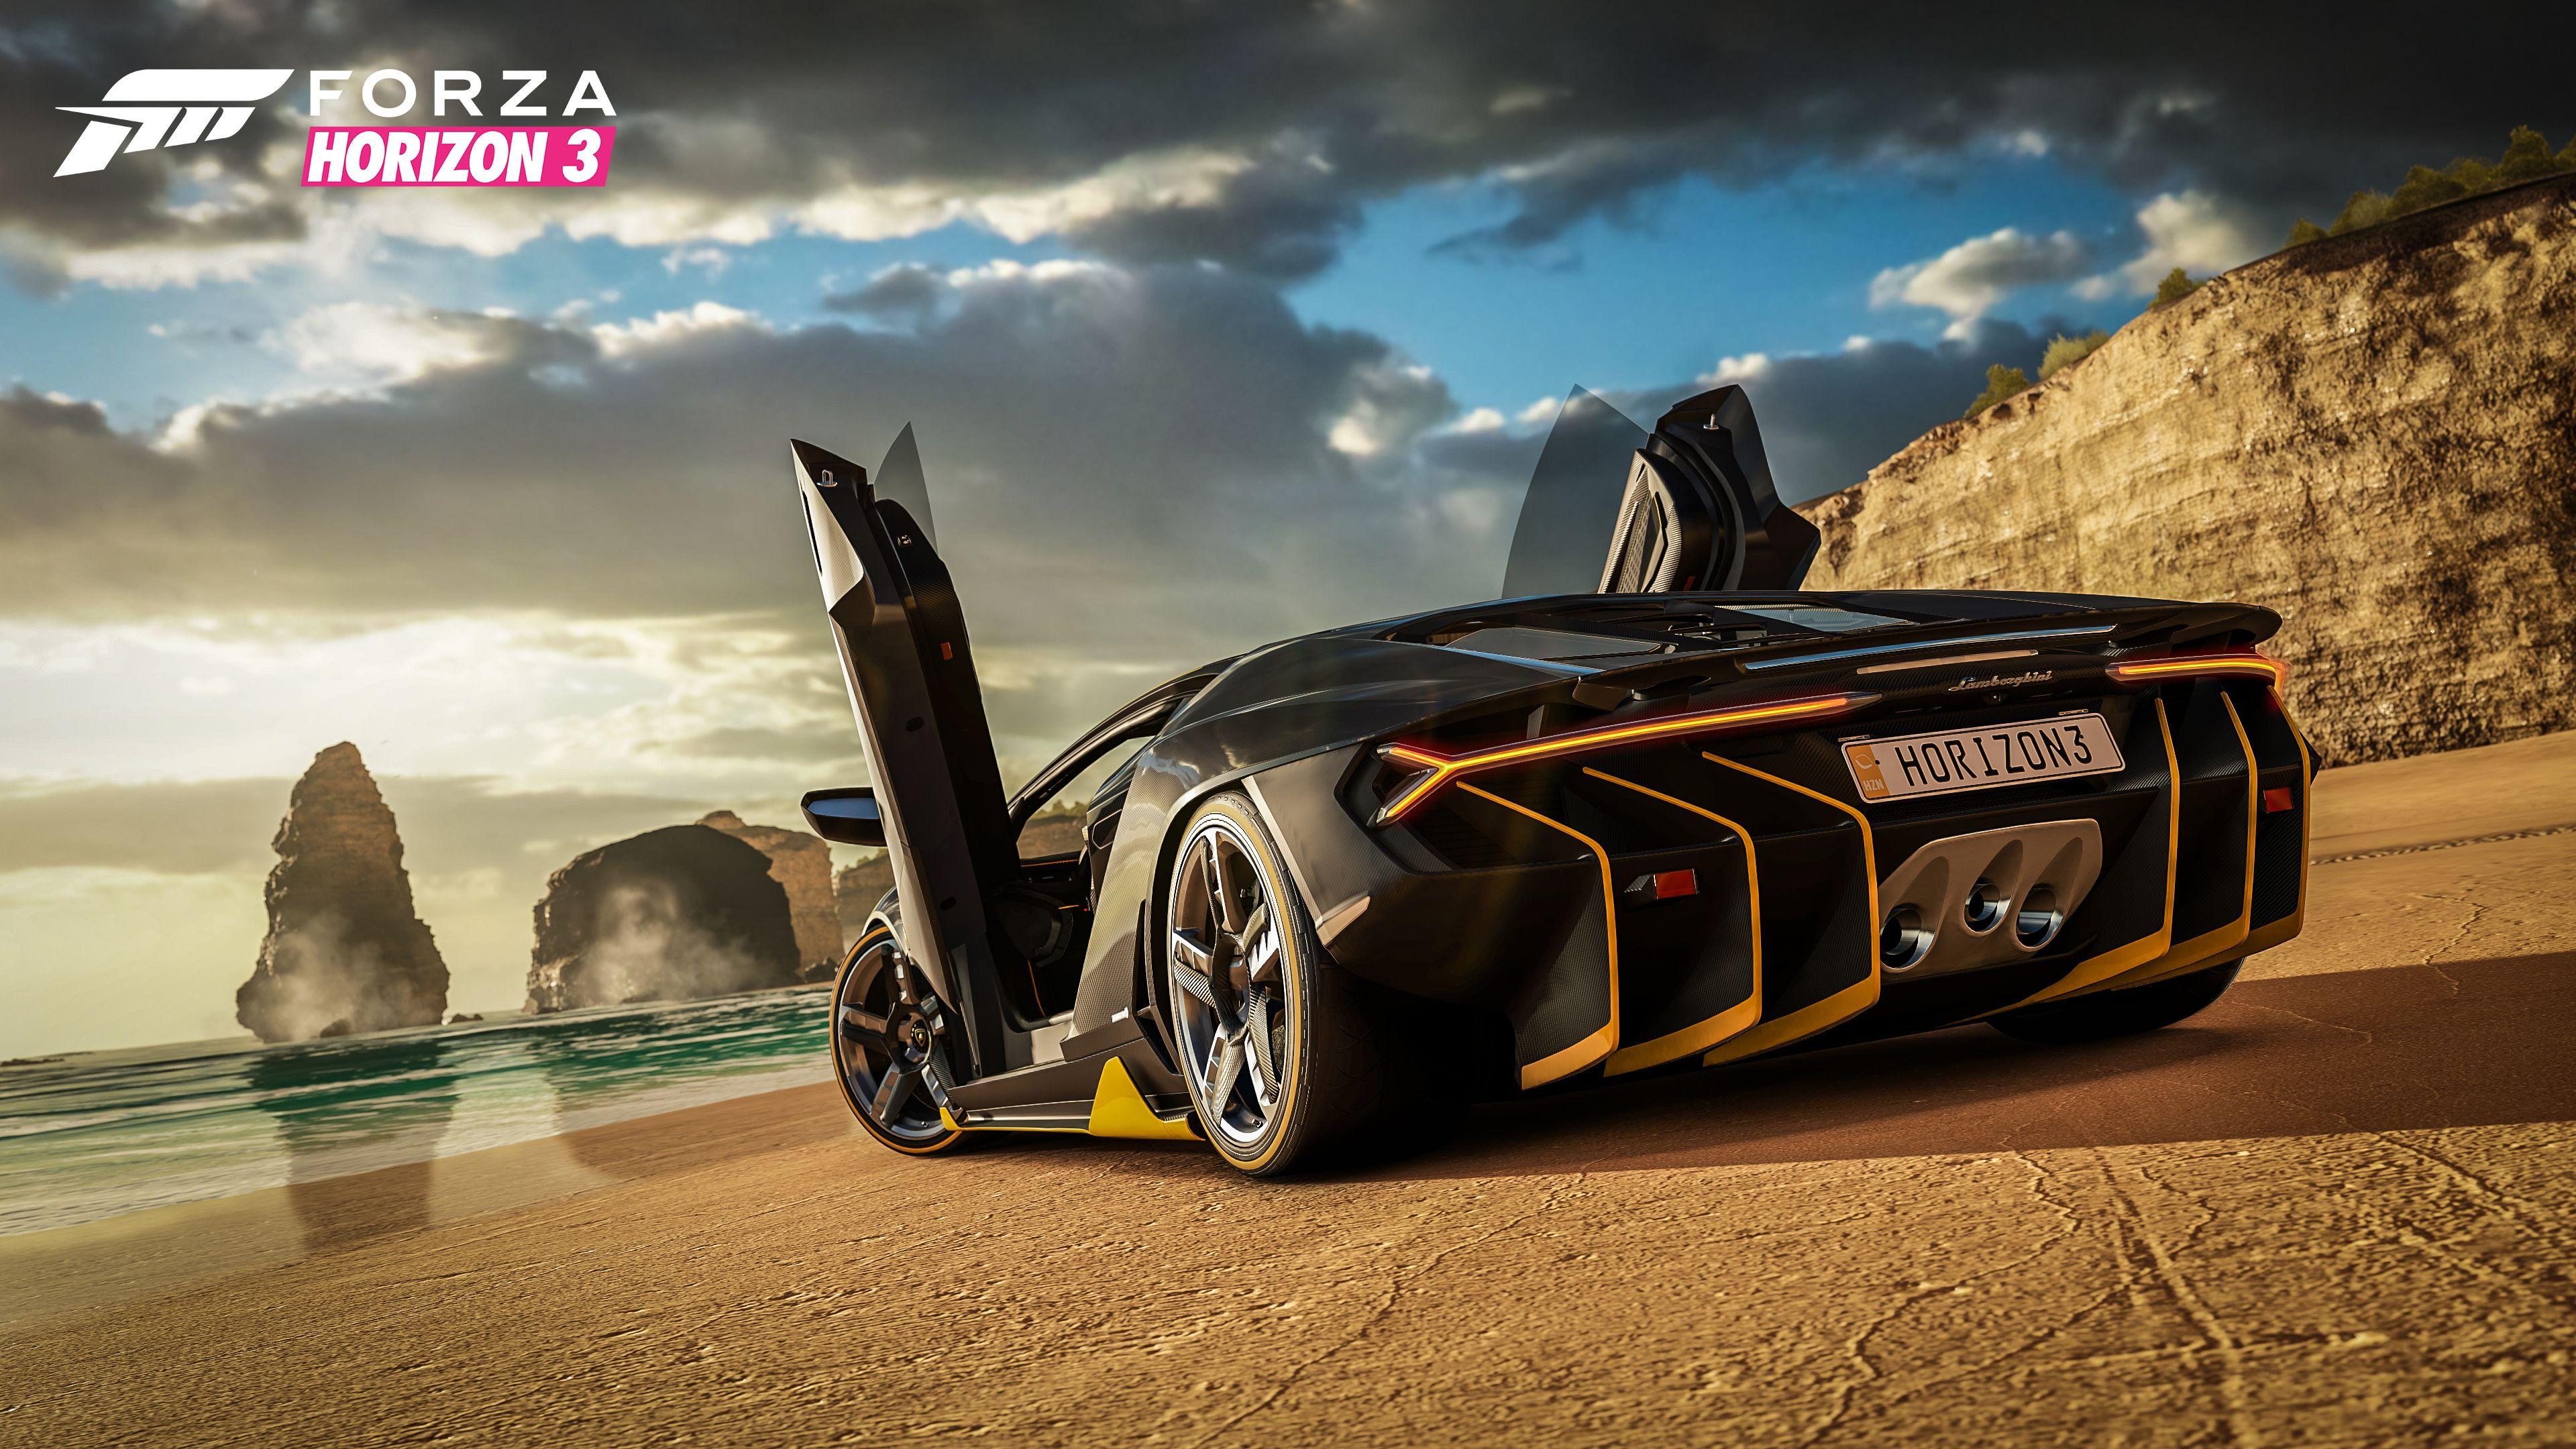 Горизонт Forza 3 обои скачать